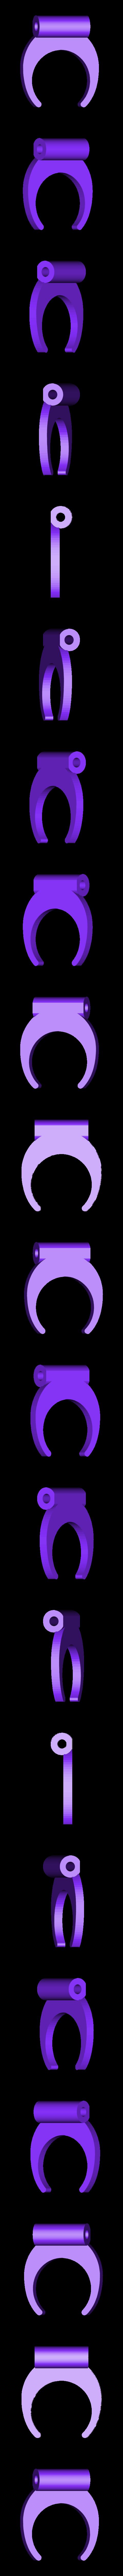 Scissor02.STL Télécharger fichier STL gratuit Accessoires pour le Hobbyking (Piccole Ali) Macchi C.205 Veltro ARF • Modèle pour impression 3D, tahustvedt